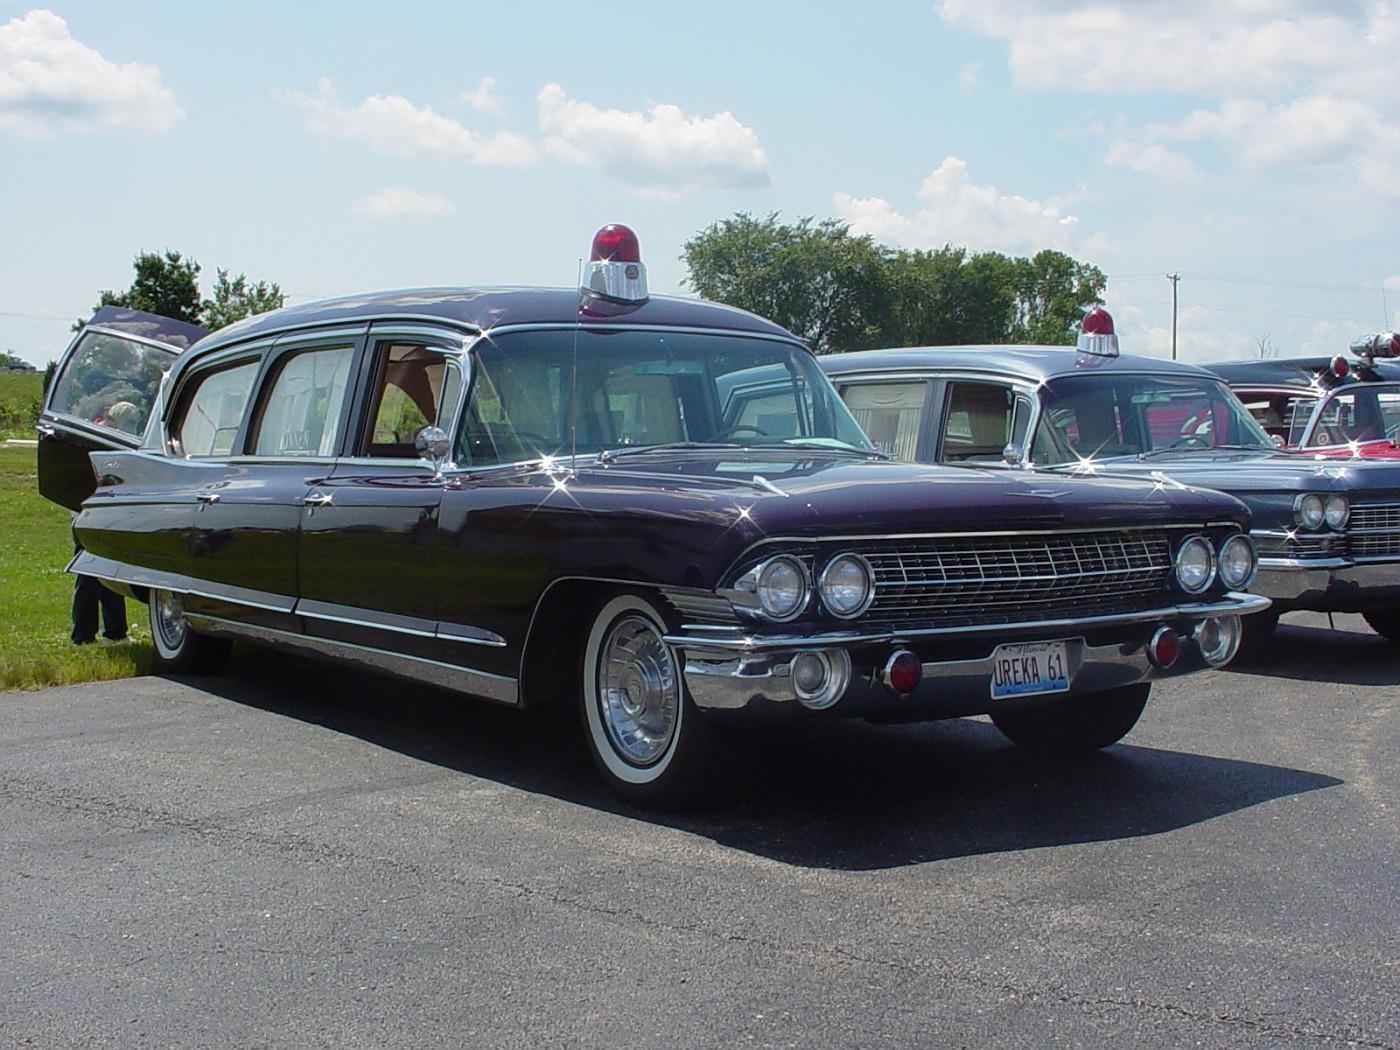 1961 Cadillac Eureka Ambulance